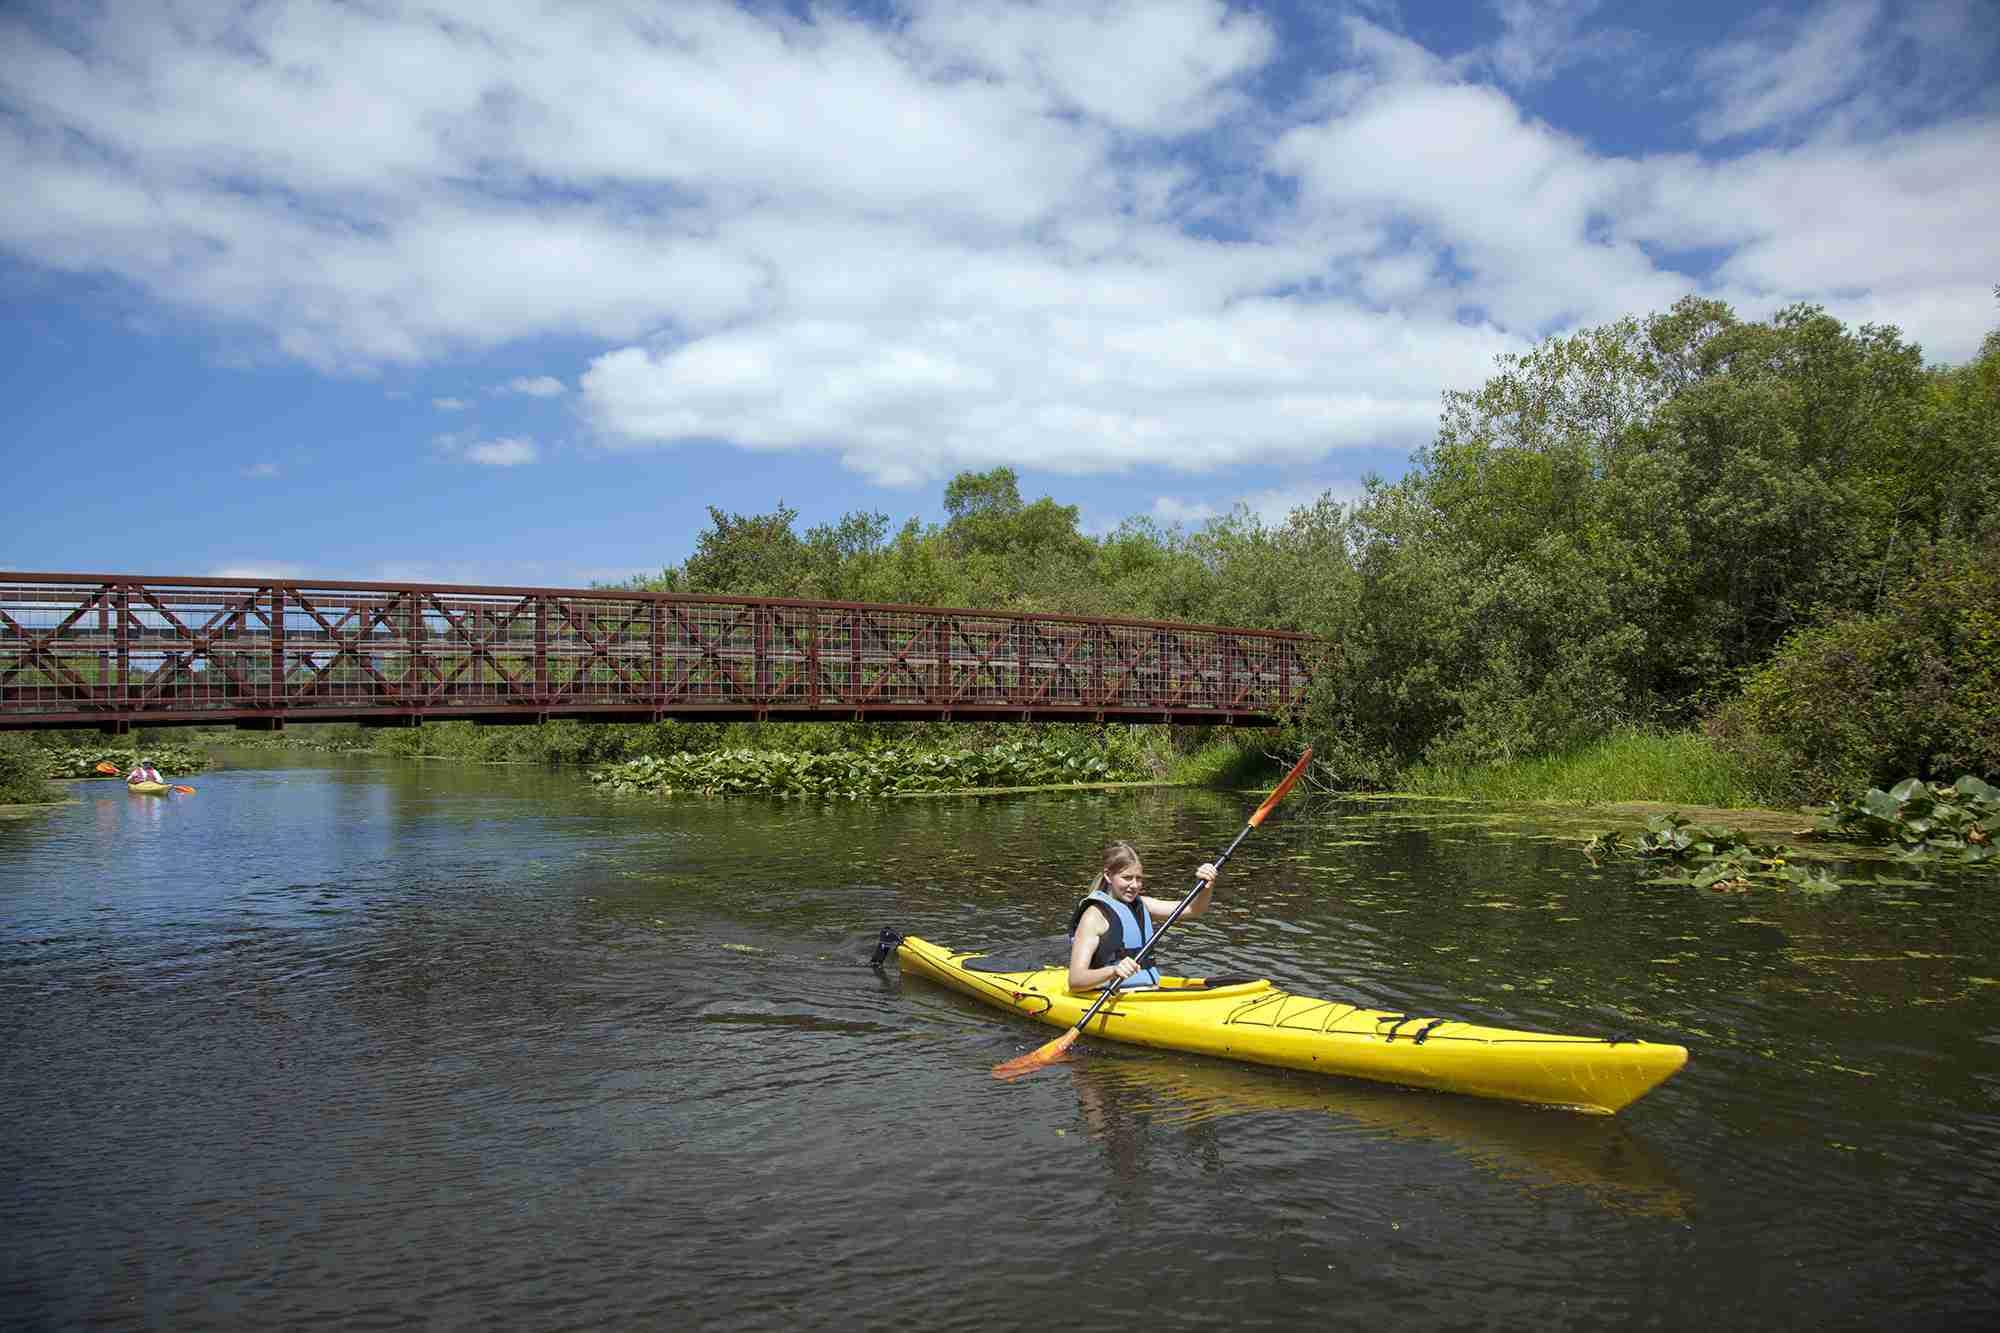 Kayaking in Mercer Slough Nature Park